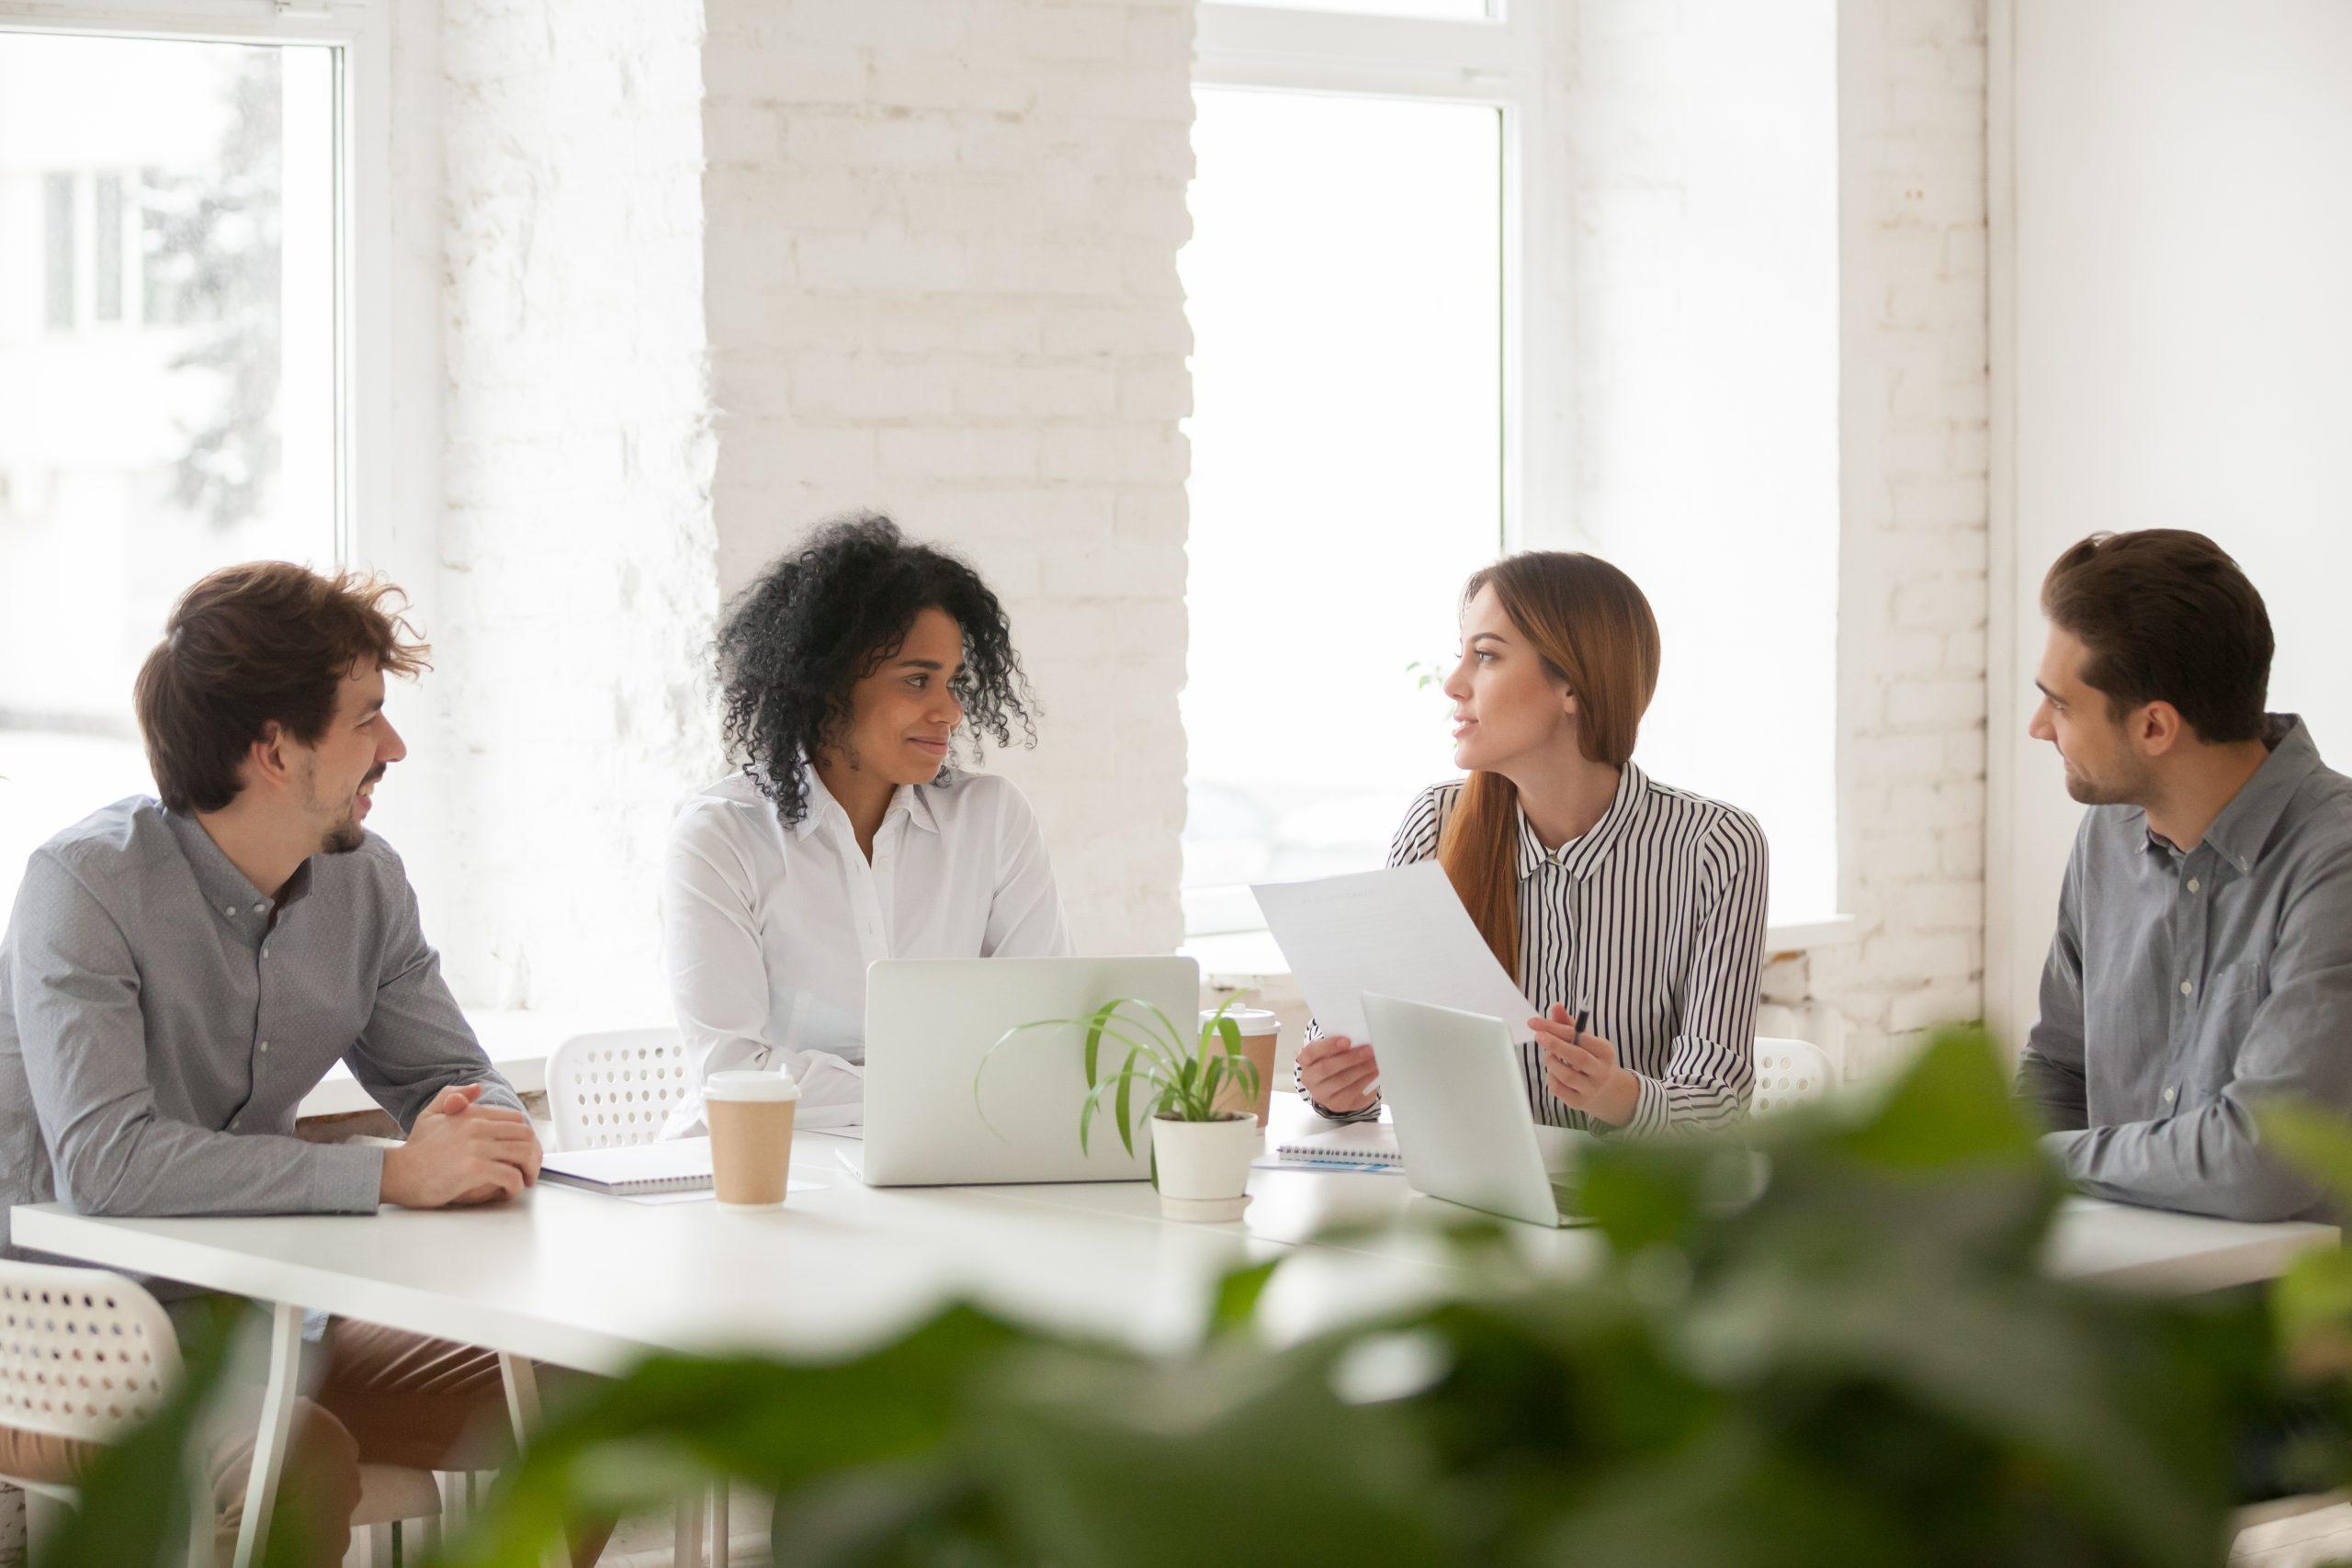 salario emocional es importante en las empresas